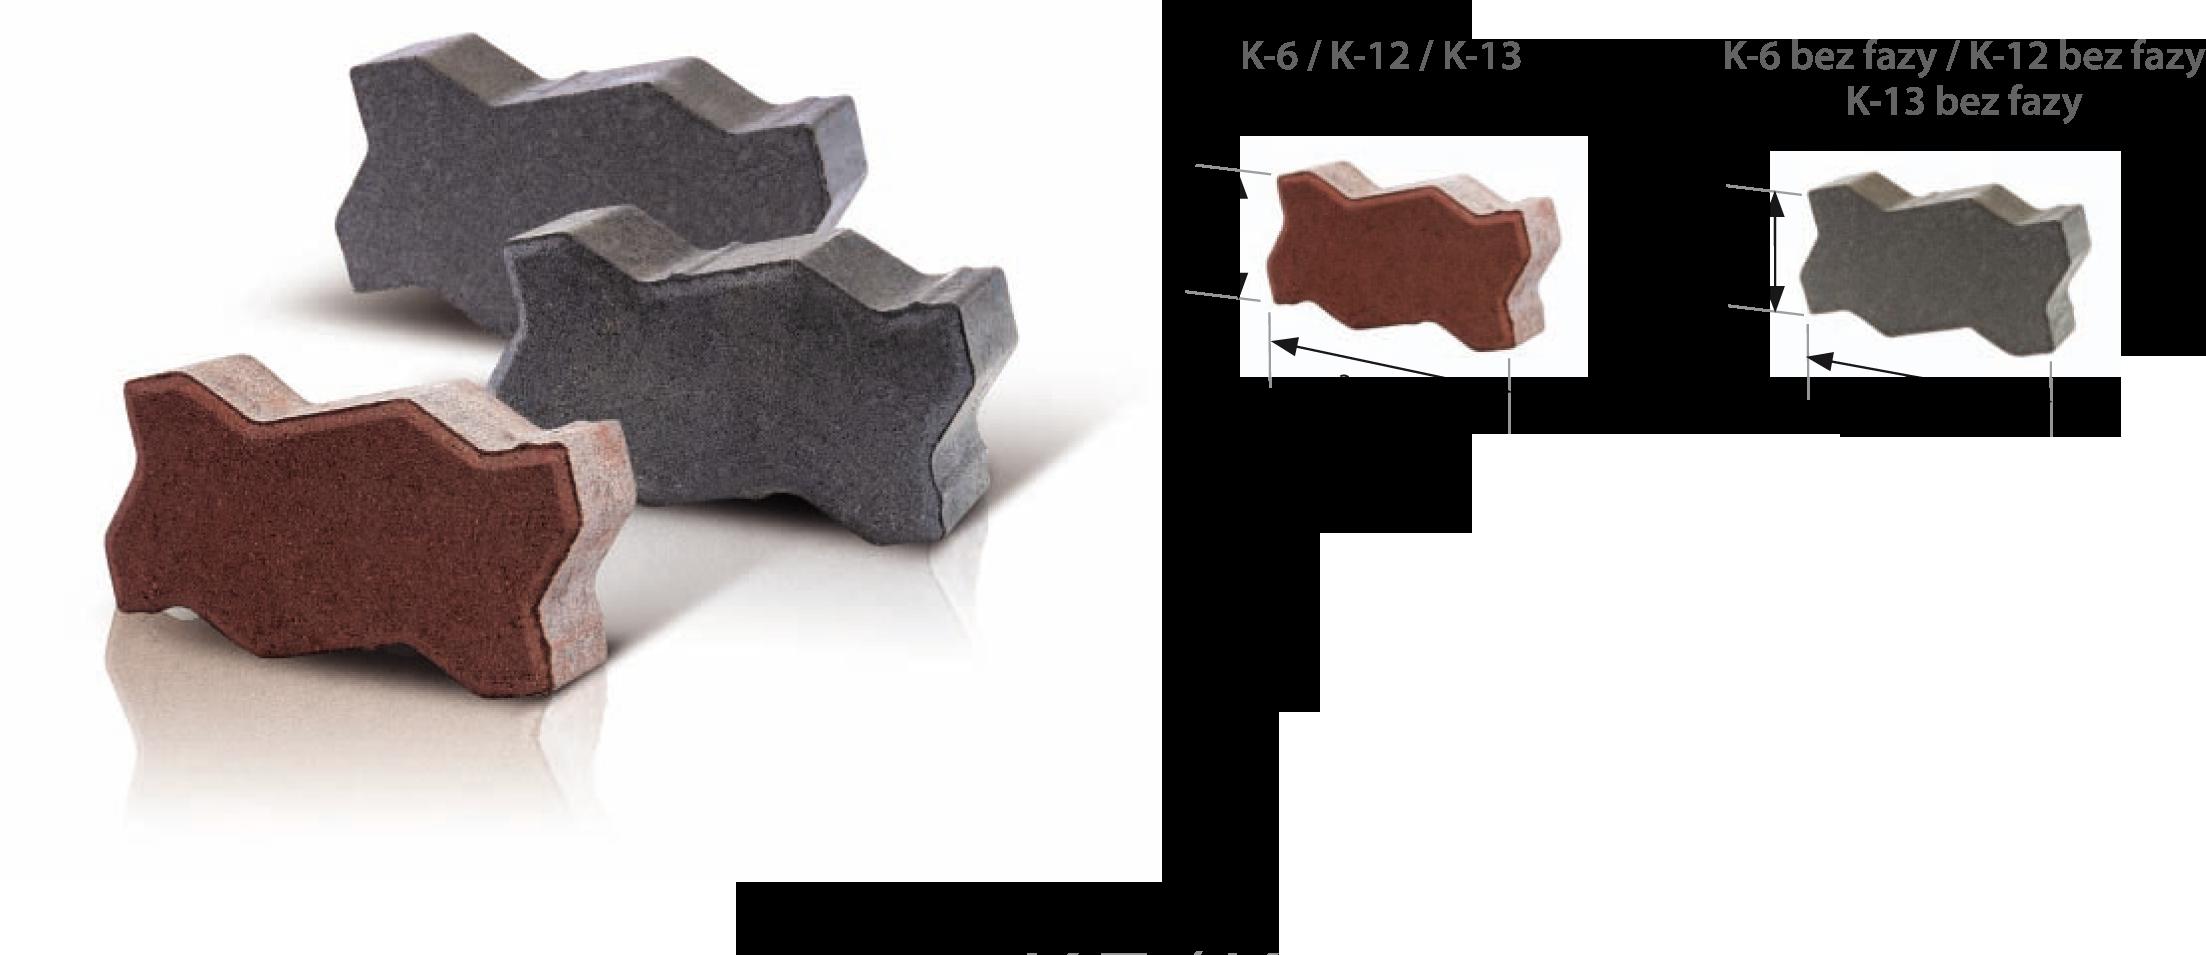 Kostki brukowe przemysłowe K-6 / K-12 / K-13